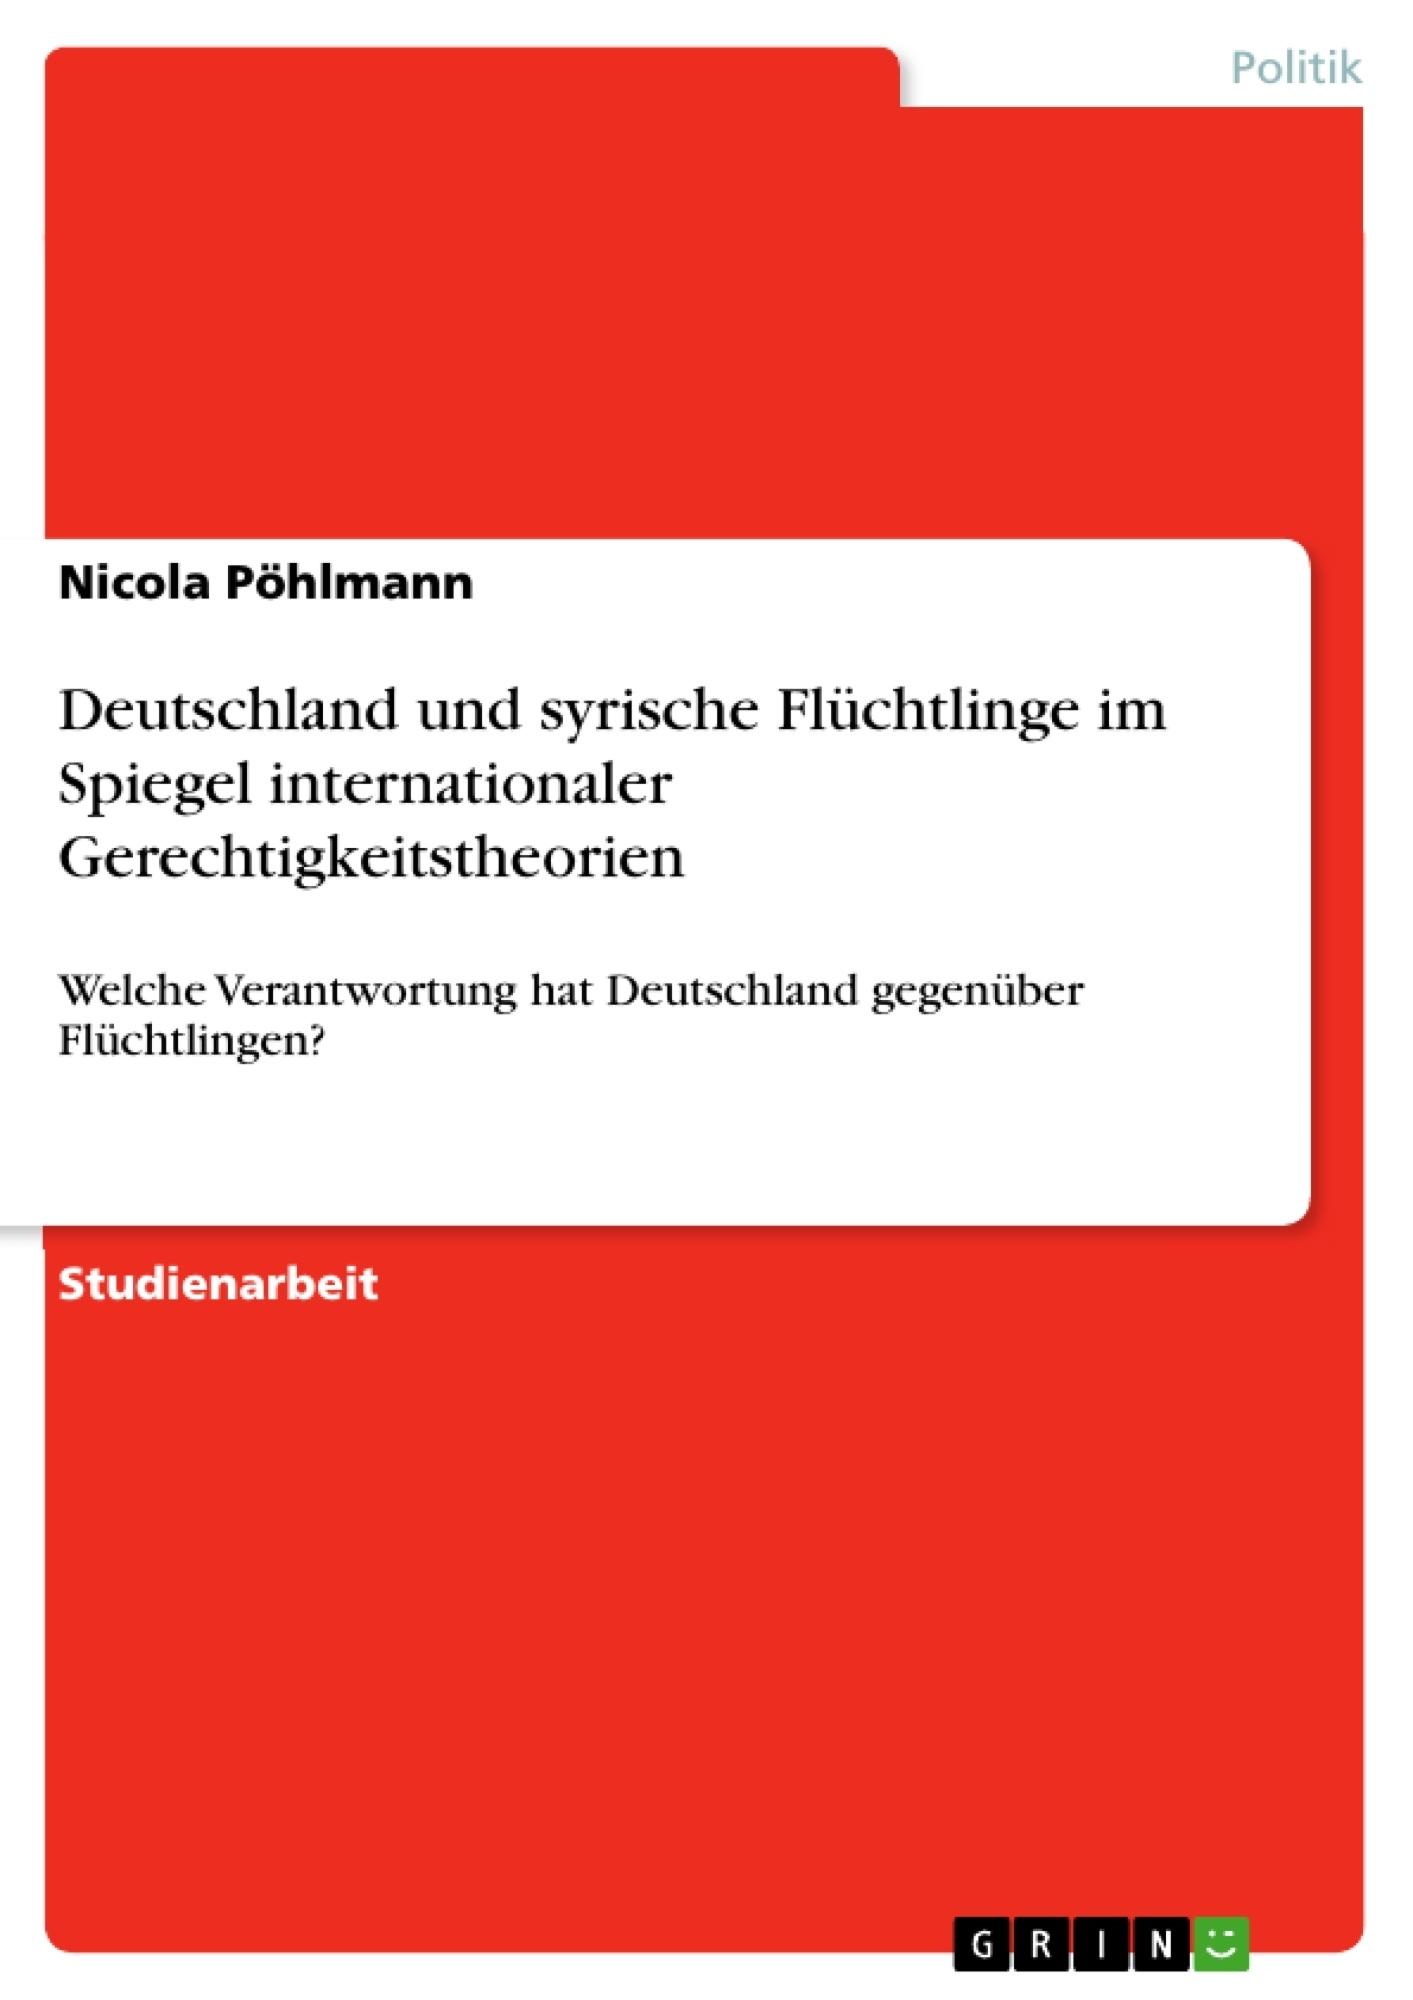 Titel: Deutschland und syrische Flüchtlinge im Spiegel internationaler Gerechtigkeitstheorien